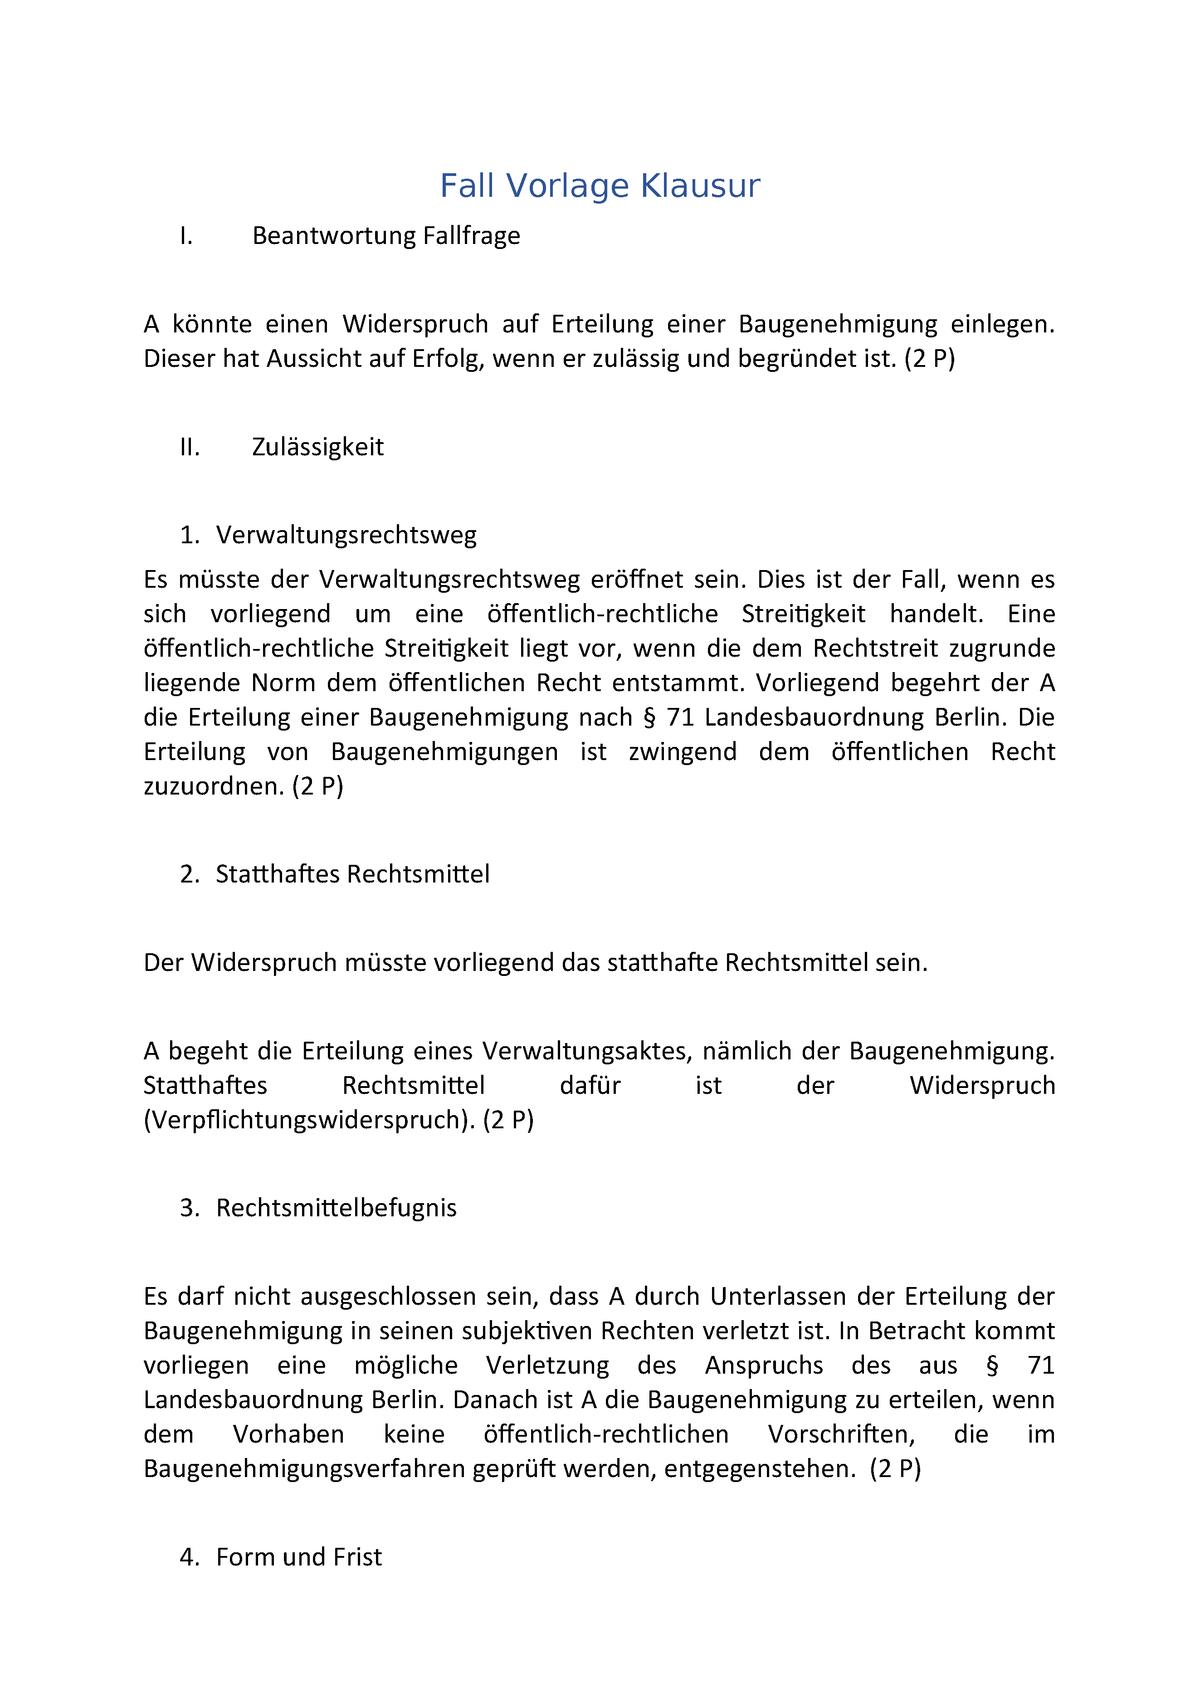 Fall Vorlage Klausur Zusammenfassung Planungs Und Umweltrecht Fall Vorlage Studocu